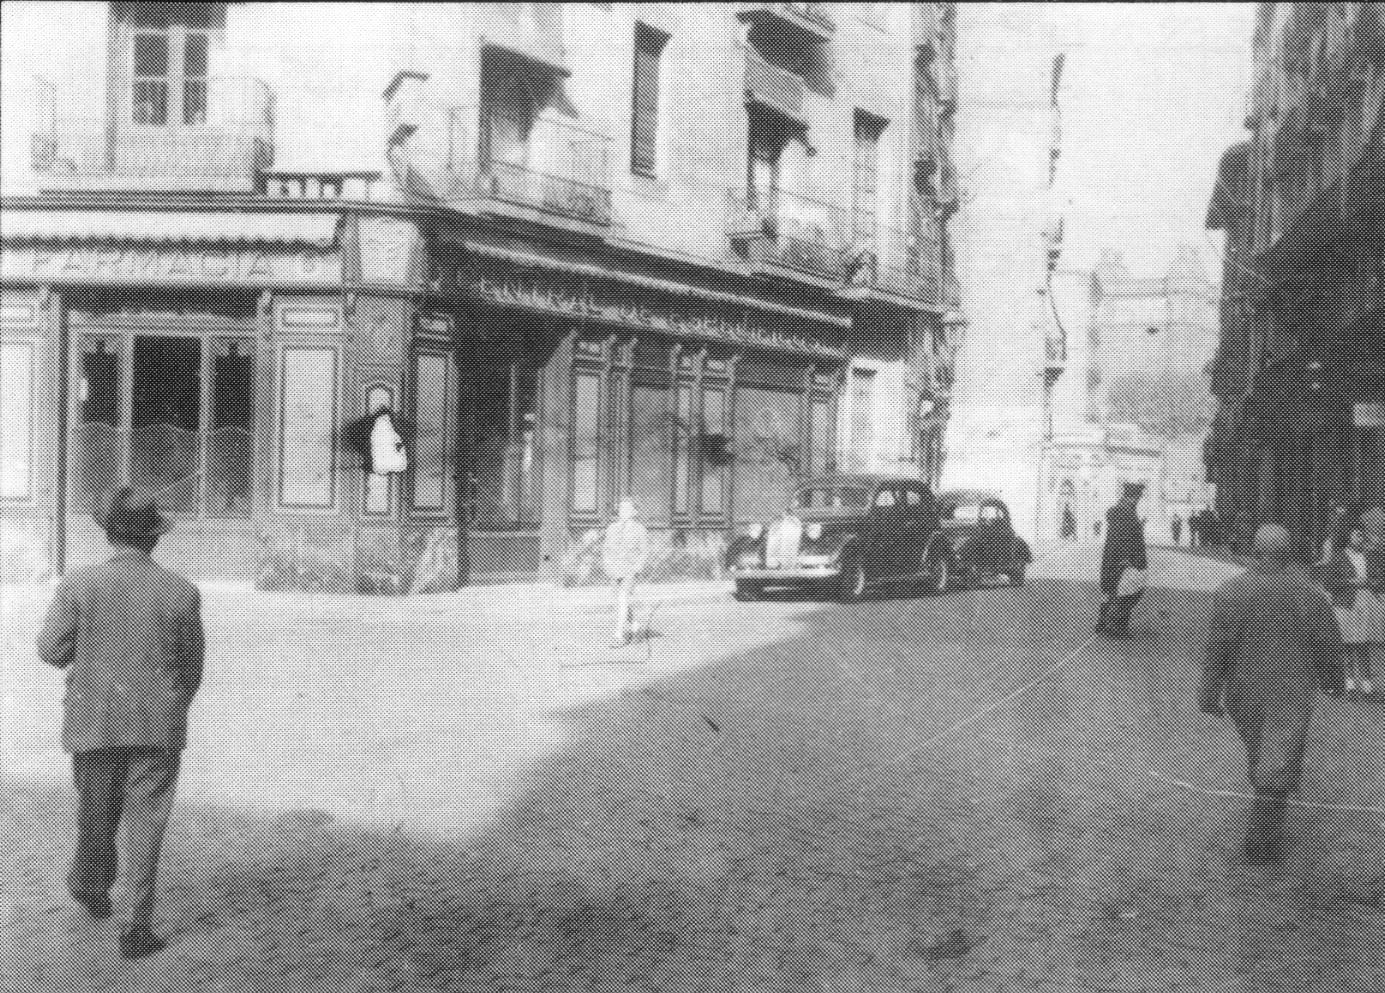 Farmacia hasta la que consiguió llegar José Sabaté gravemente herido y donde resultó finalmente detenido antes de su muerte.